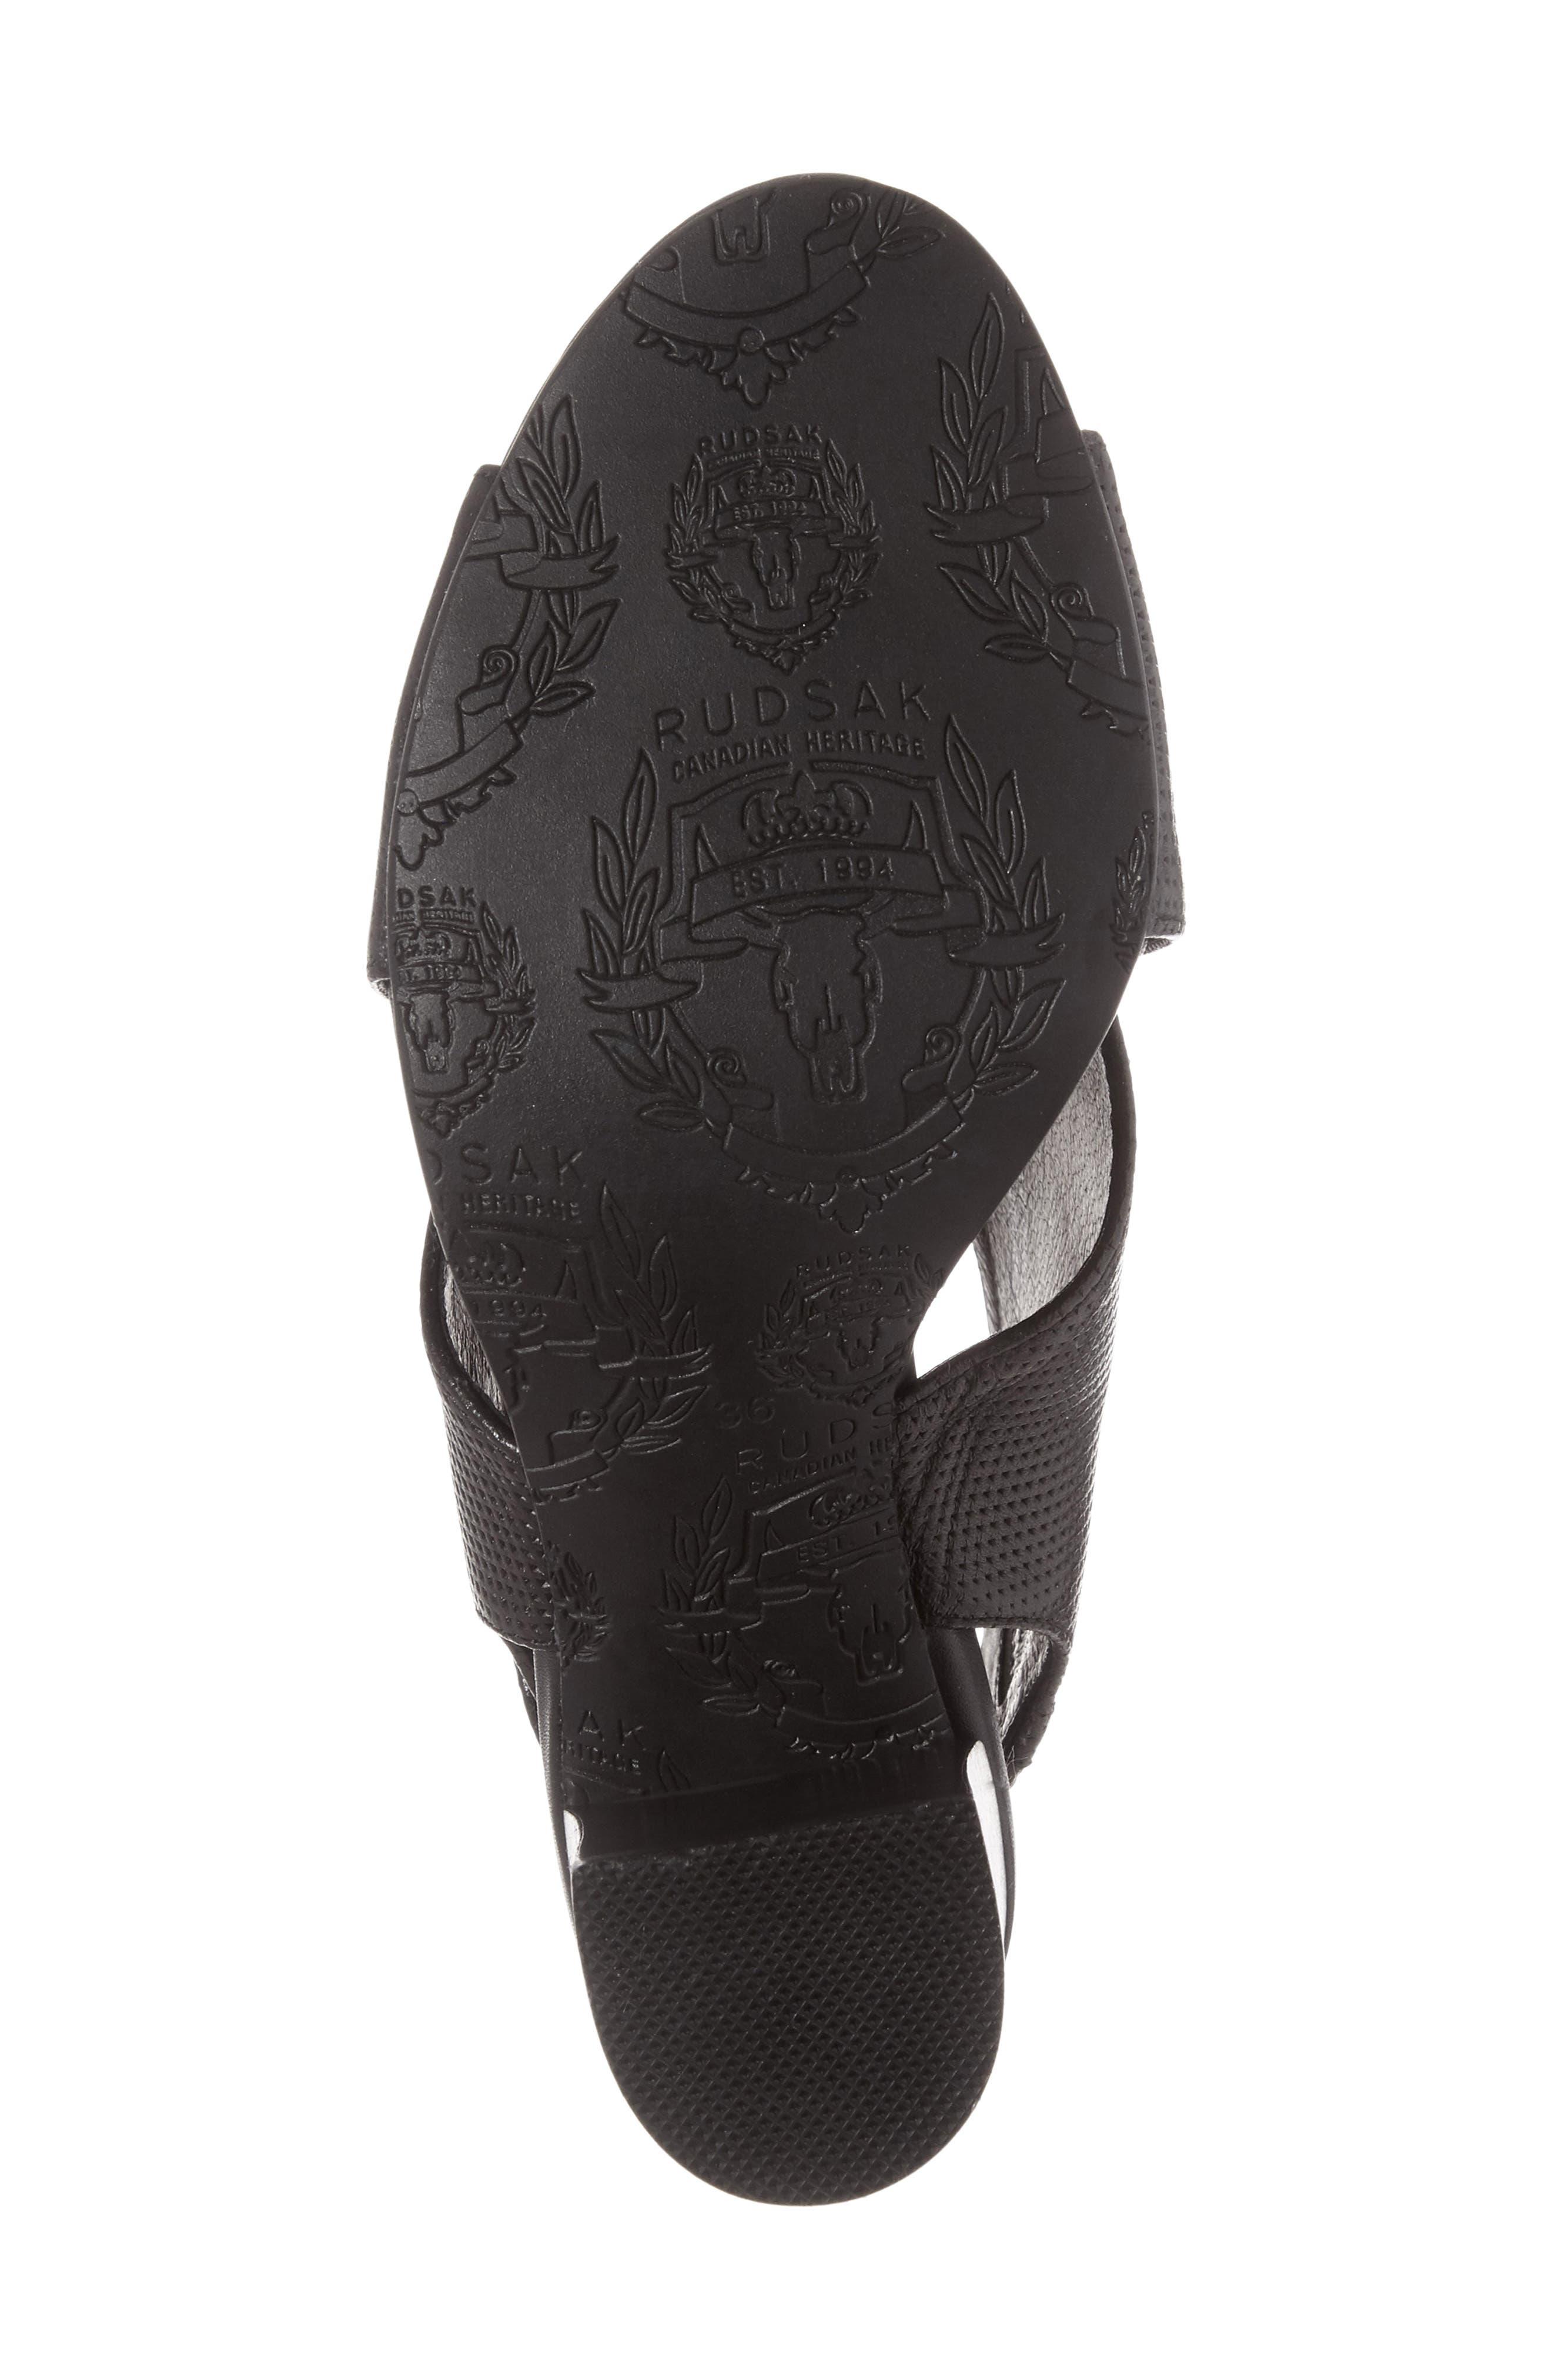 Benedetta Block Heel Sandal,                             Alternate thumbnail 6, color,                             001